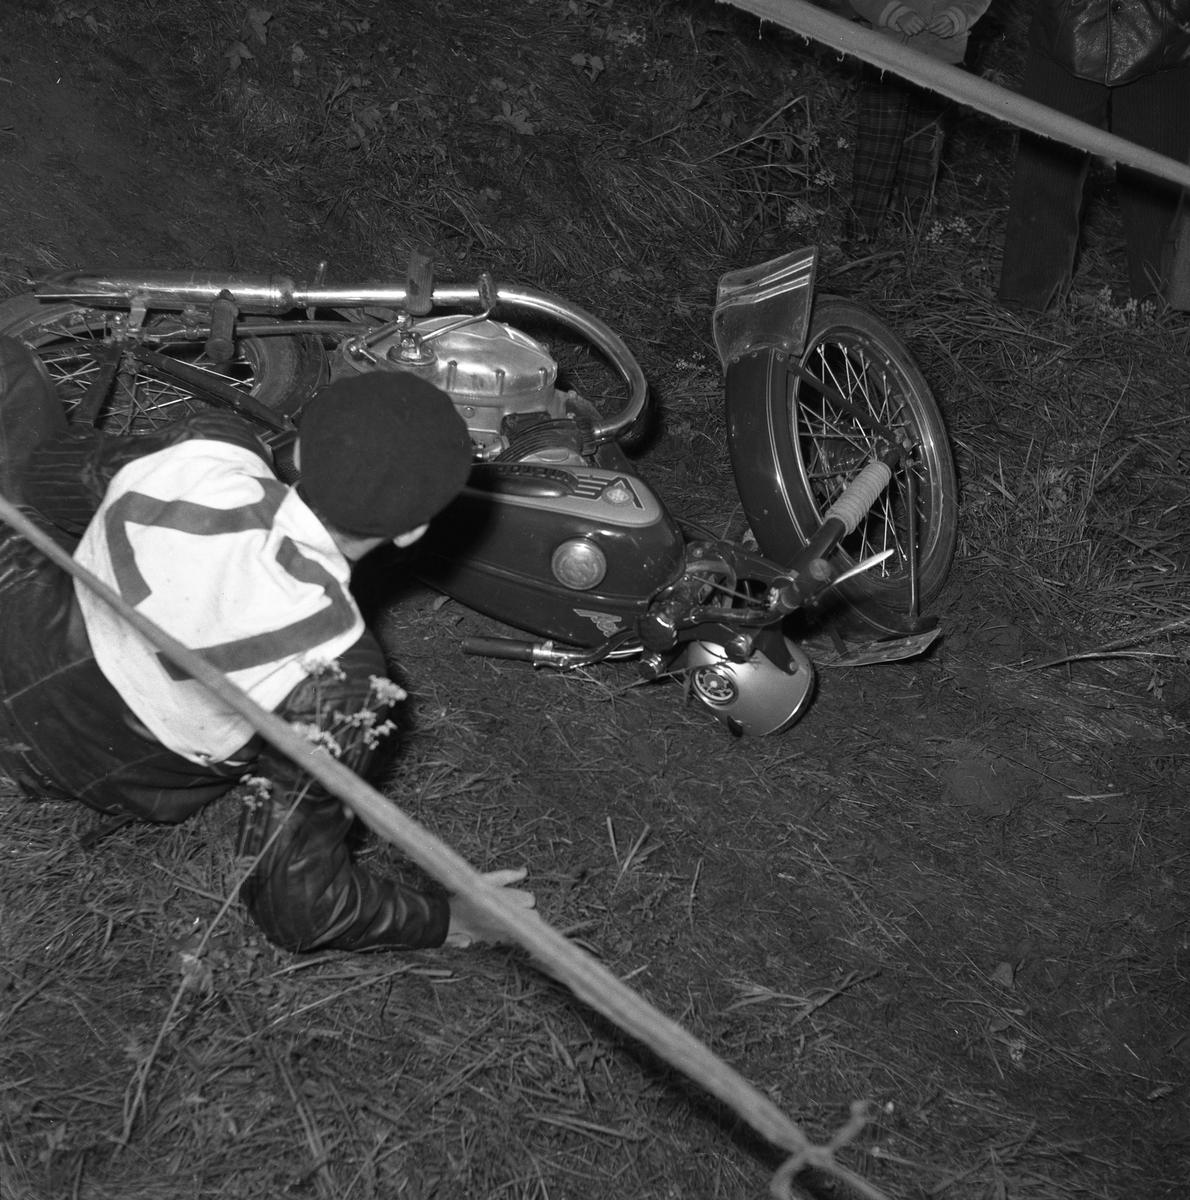 Arbogas Stjärnknutte Tävling i terrängkörning med motorcykel. En man har kört omkull.